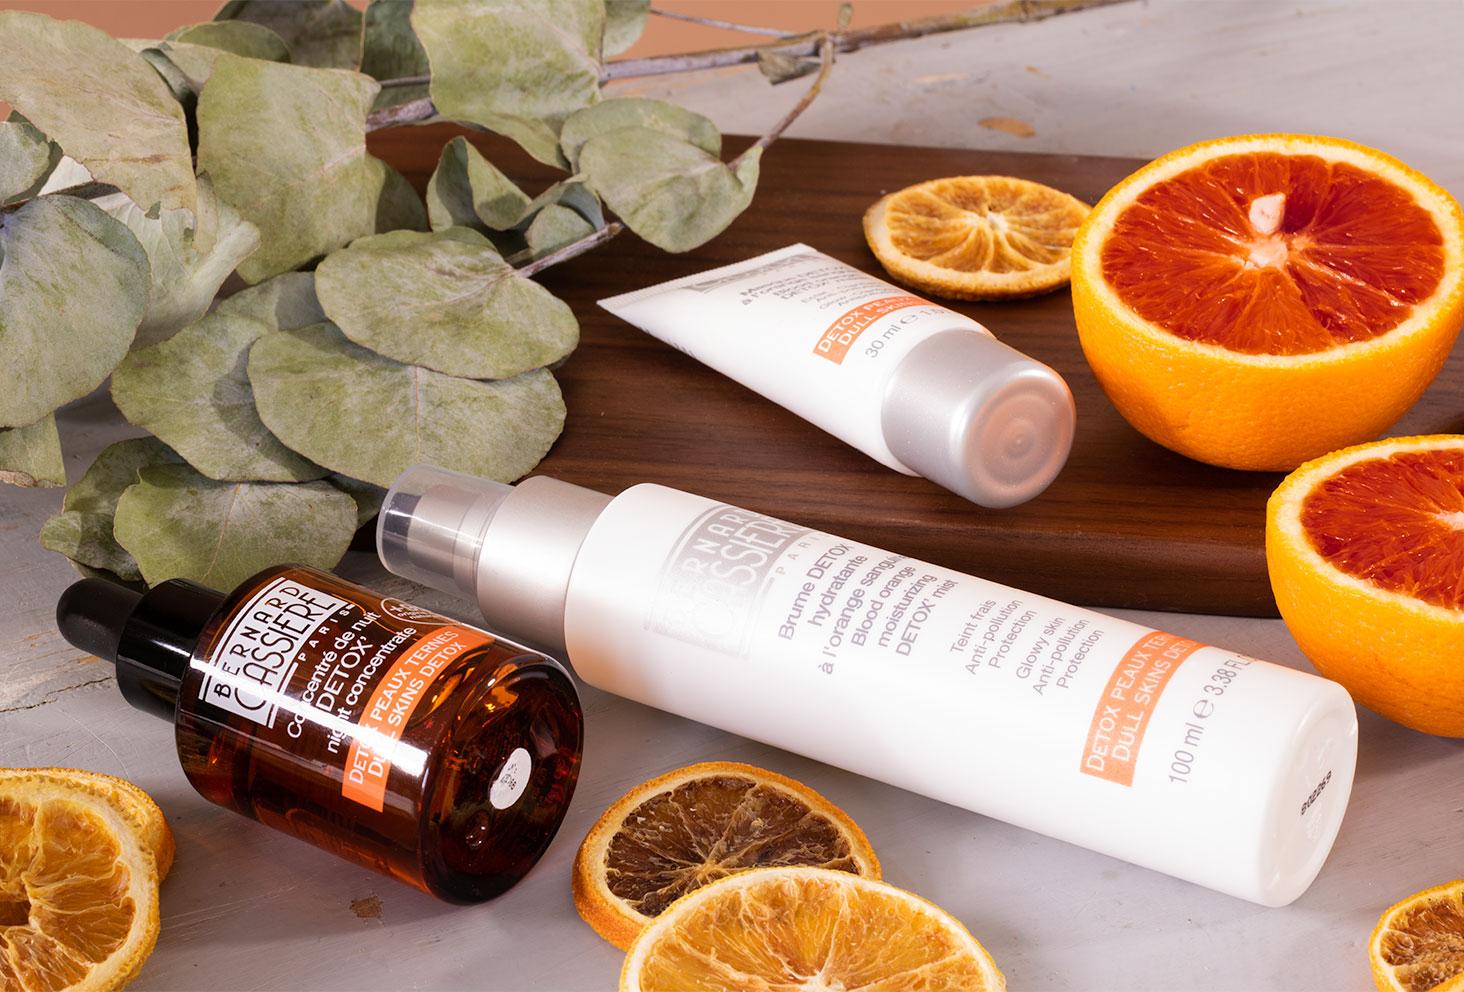 Le concentré de nuit, la brume et le masque de la gamma détox à l'orange sanguine de Bernard Cassière sur une table grise, couché au milieu des oranges sanguines